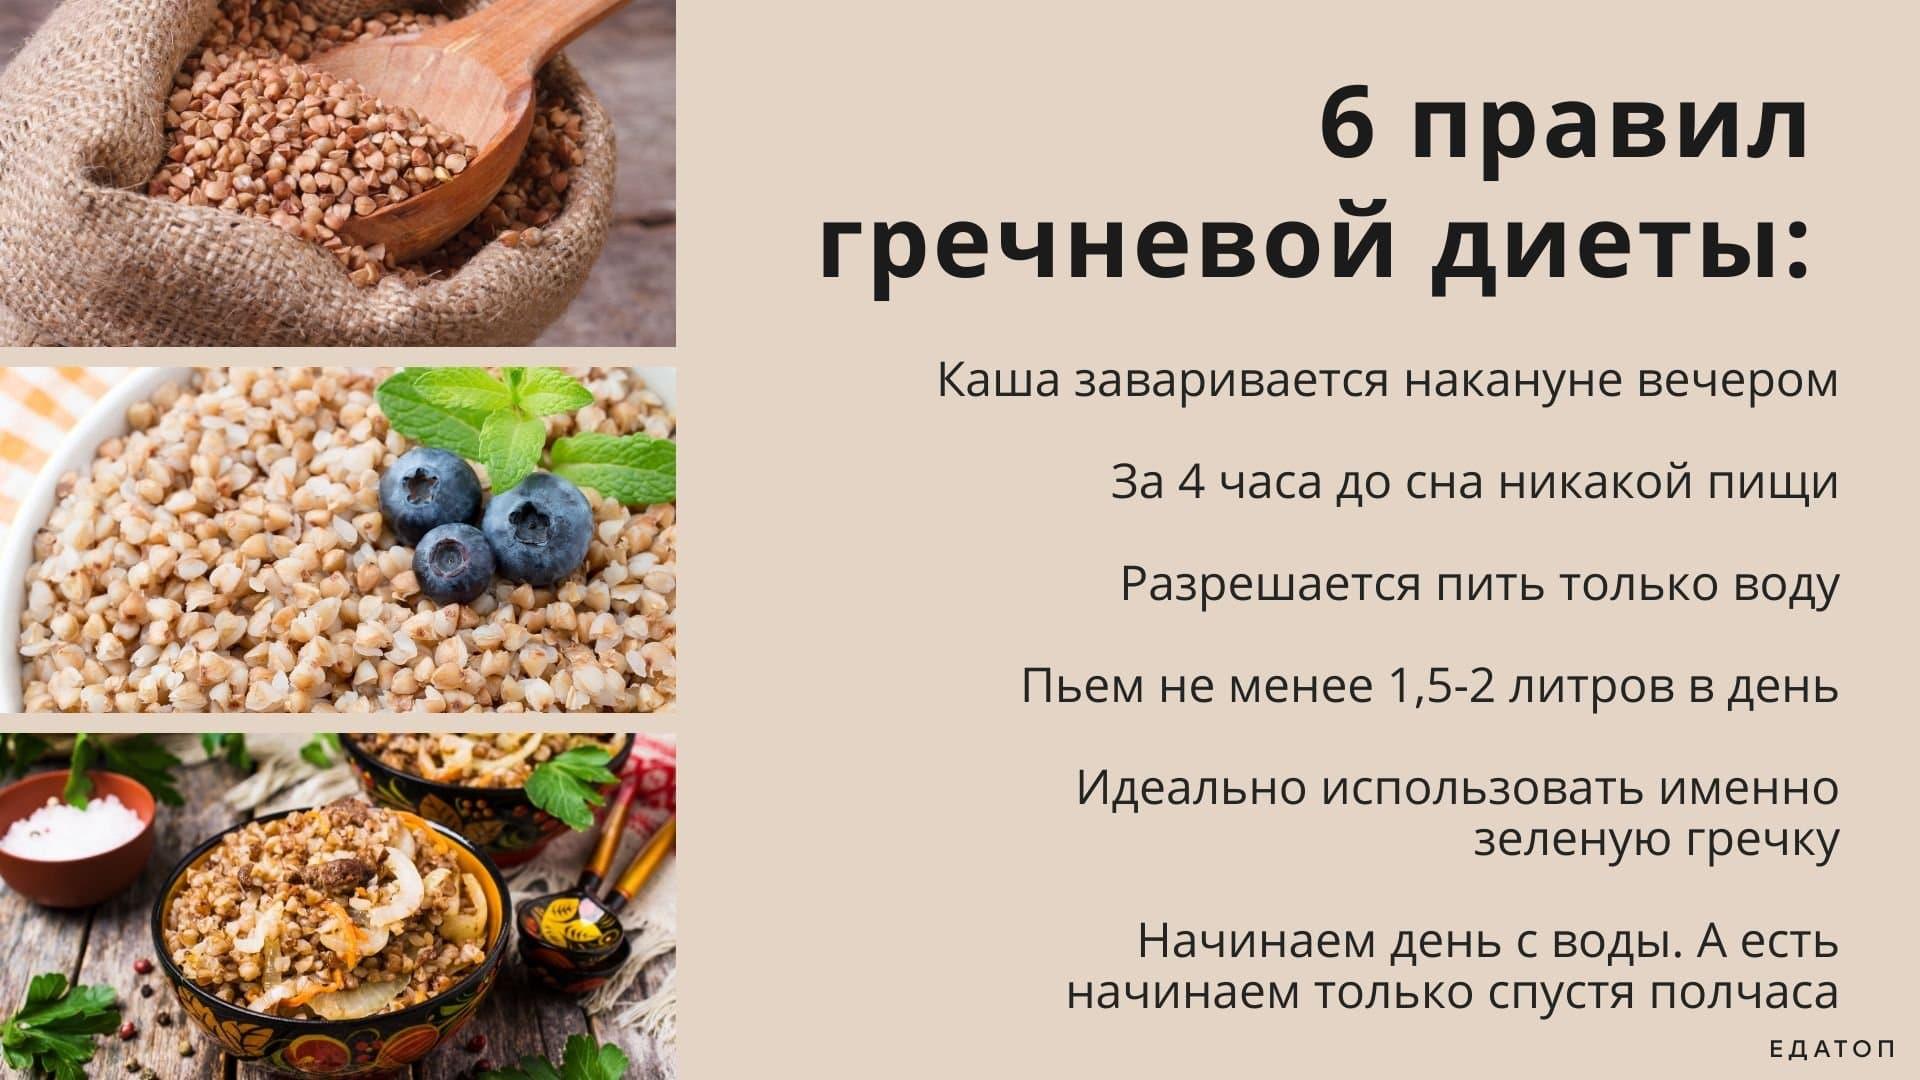 Какие поливитамины принимать на гречневой диете